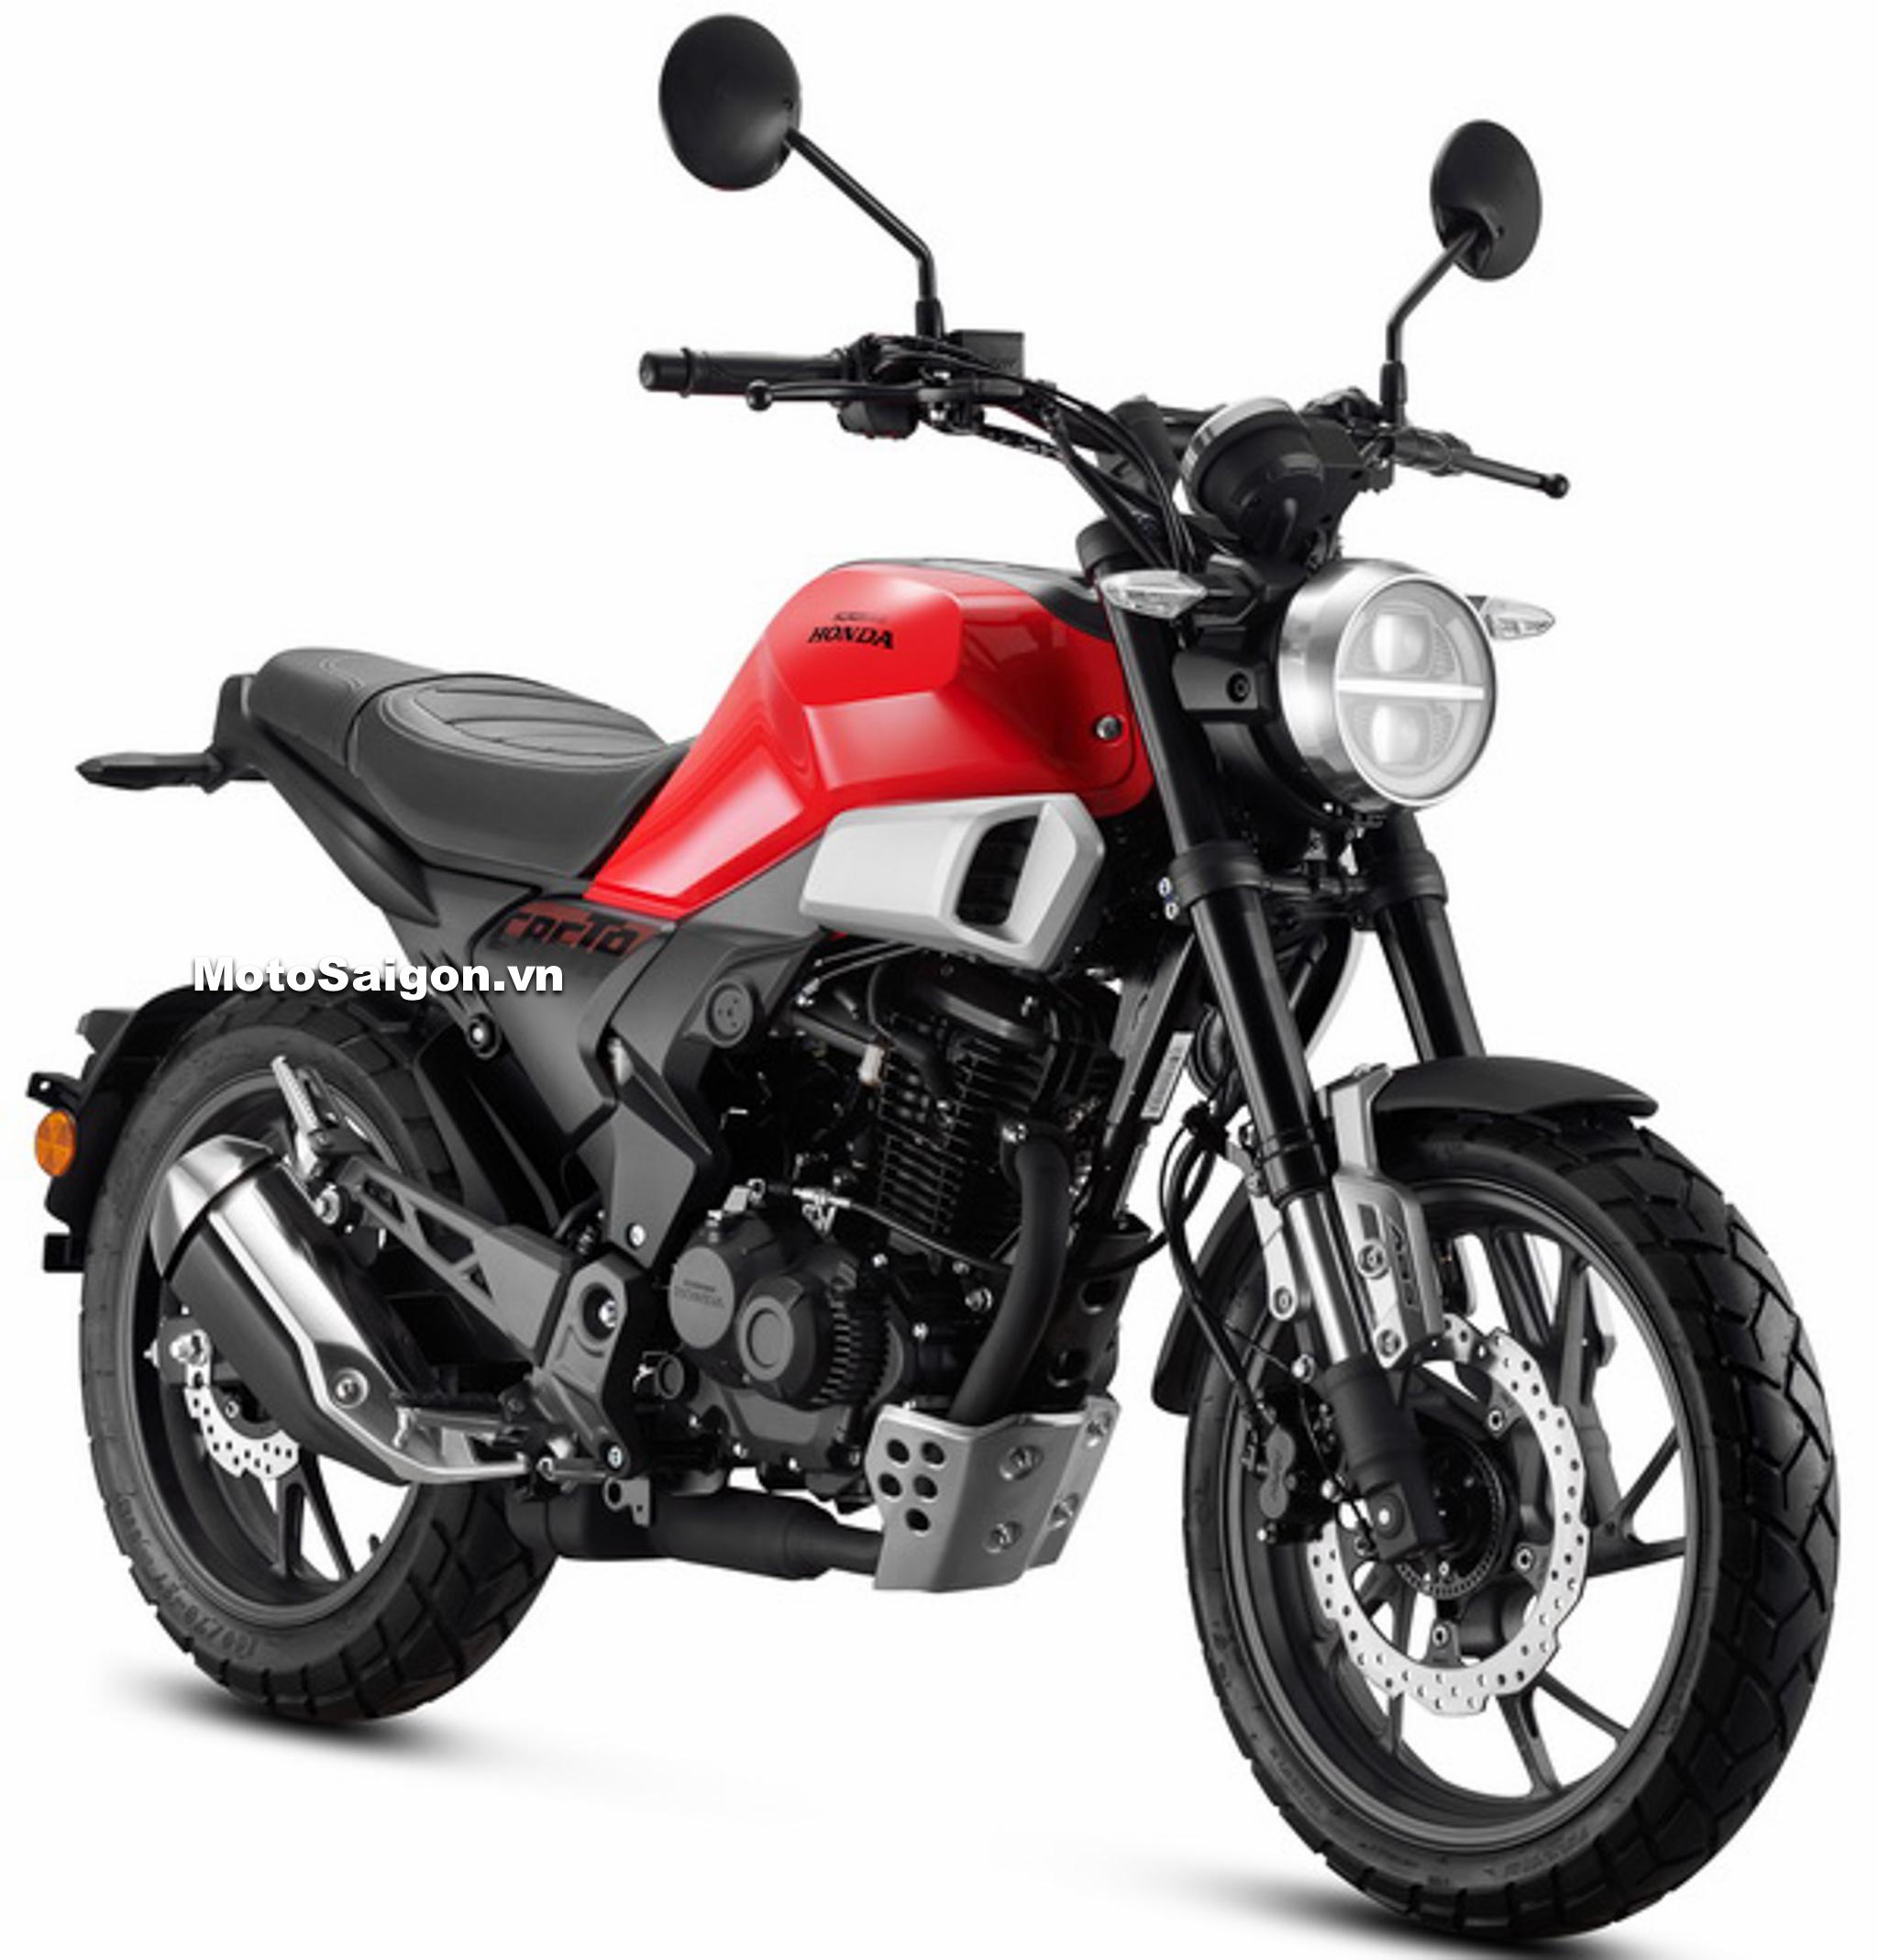 Giá xe Honda CBF190 TR Motosaigon